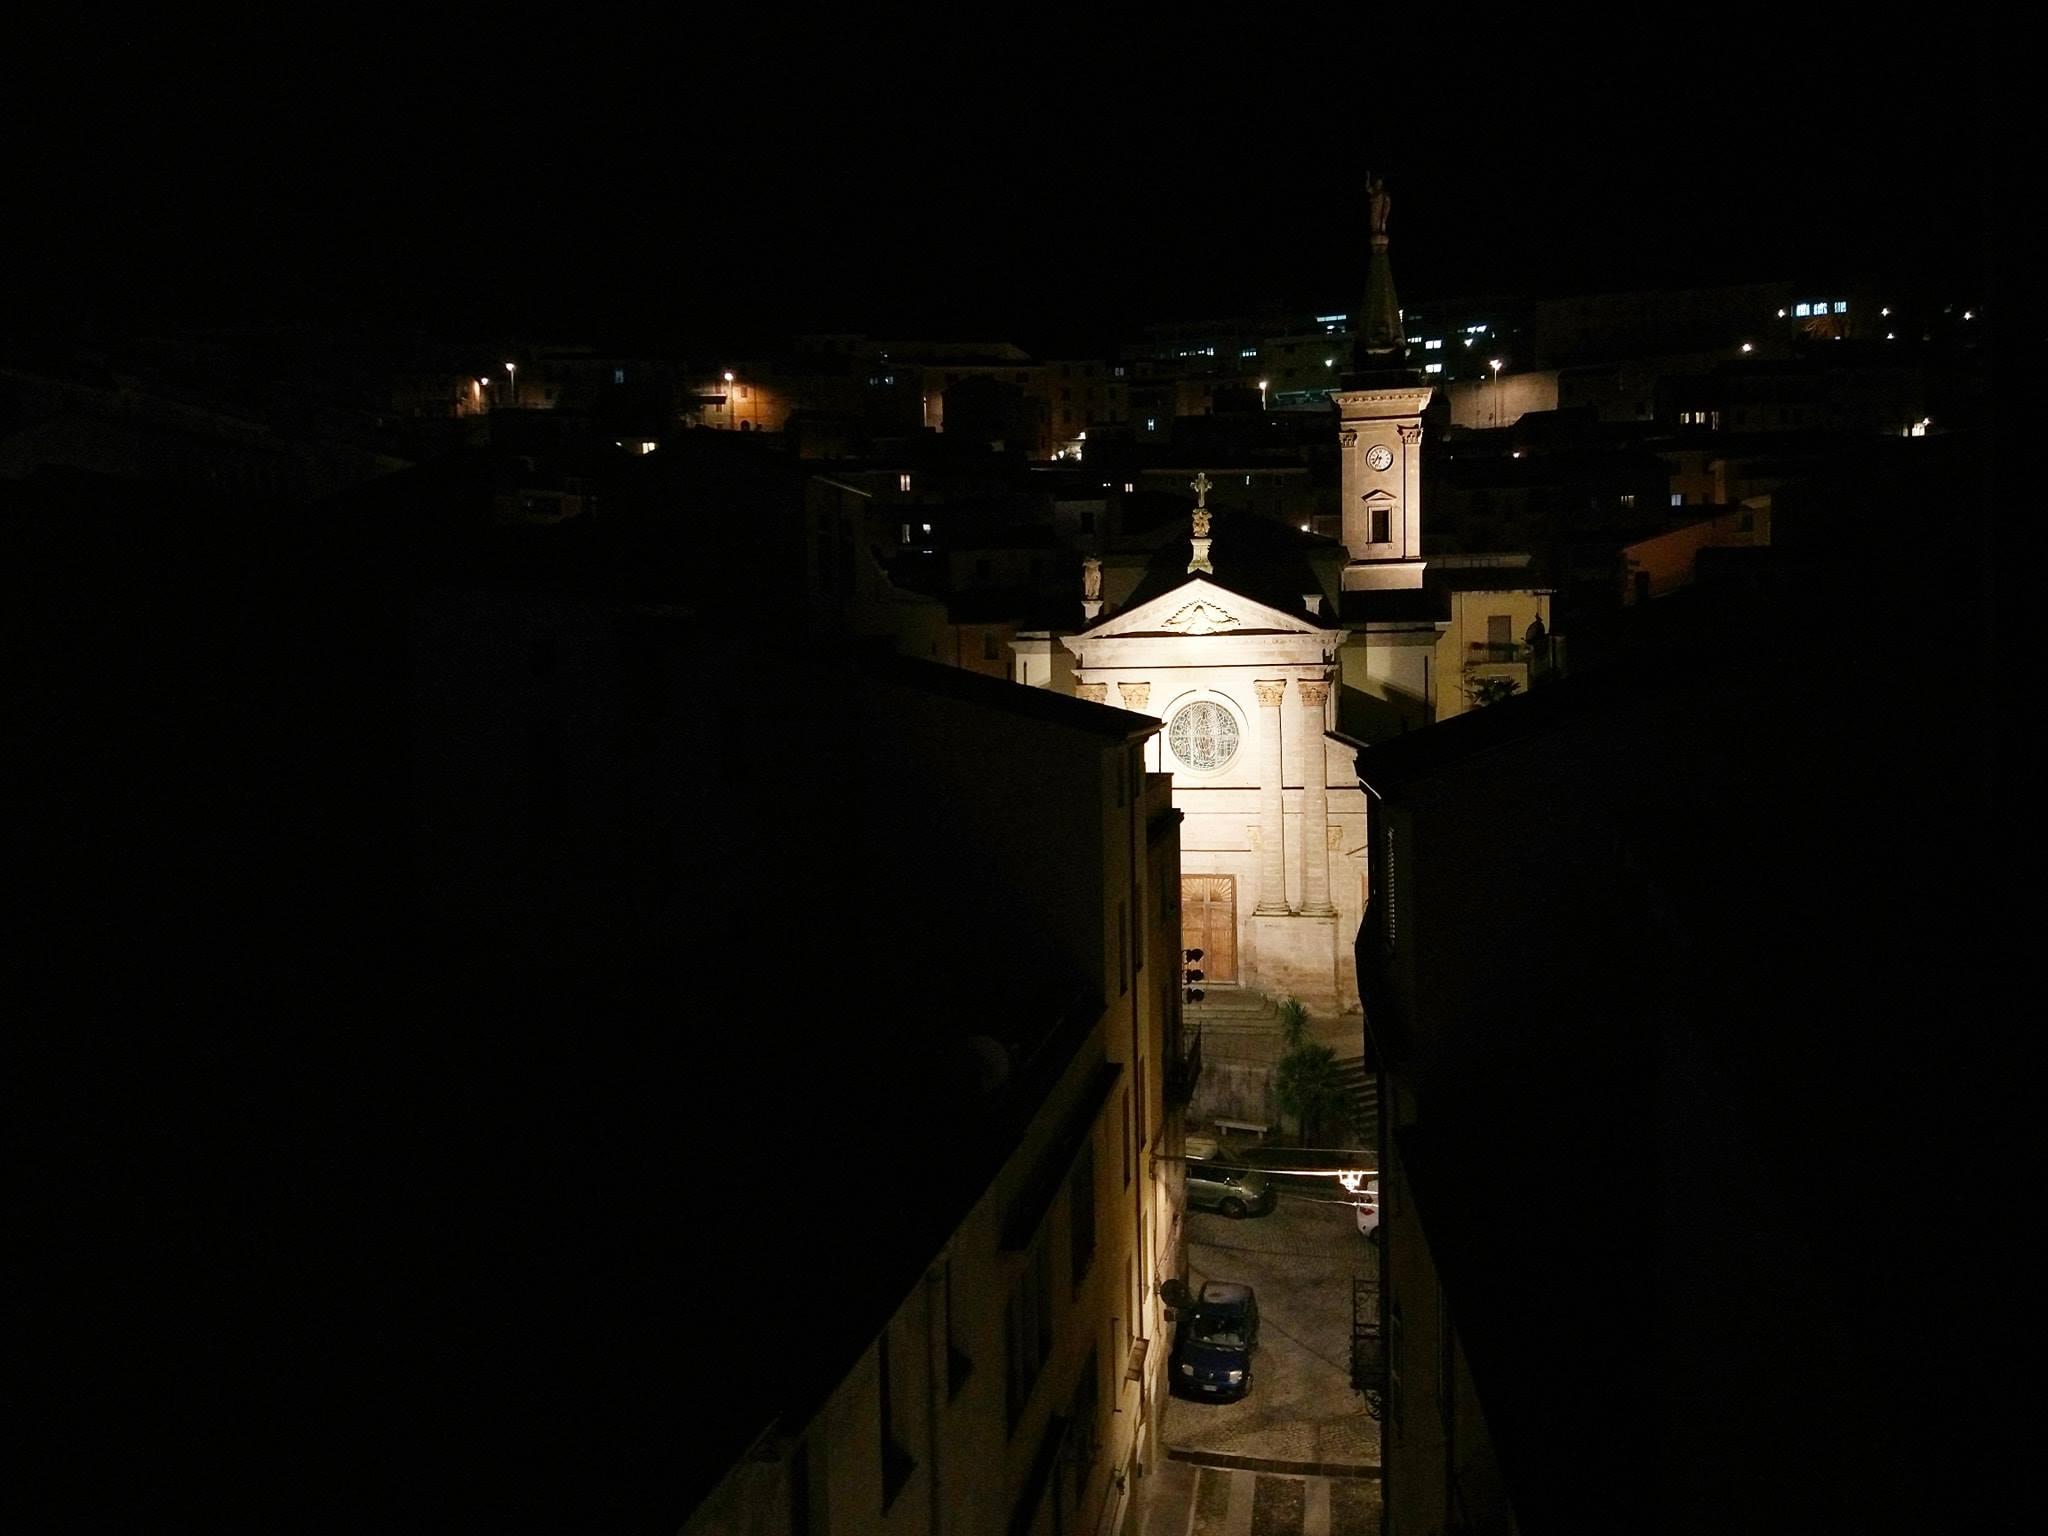 Ozieri di notte - foto di Maria Vittoria Periccu